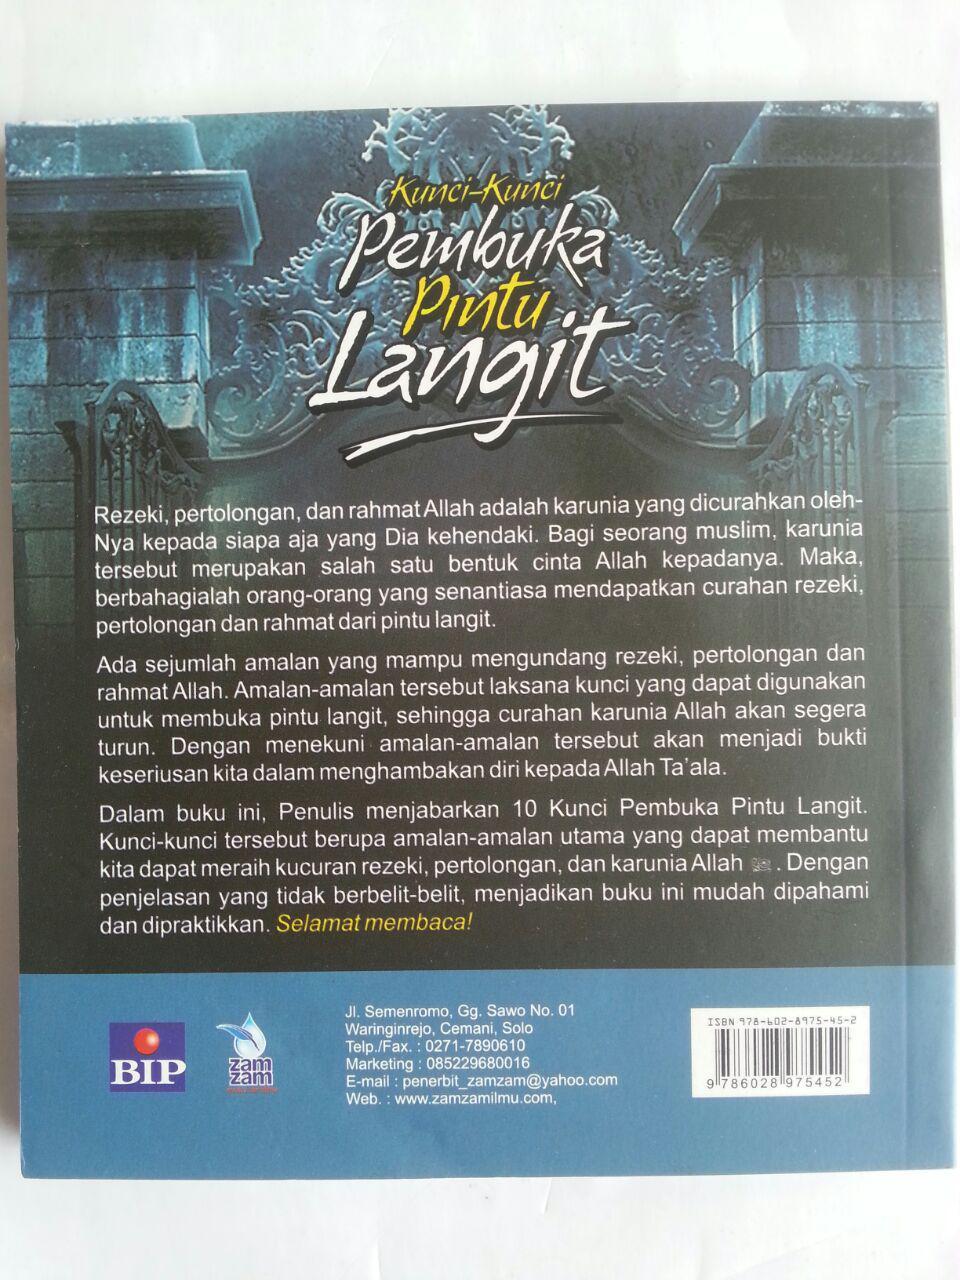 Buku Kunci-Kunci Pembuka Pintu Langit Amalan-Amalan Unggulan cover